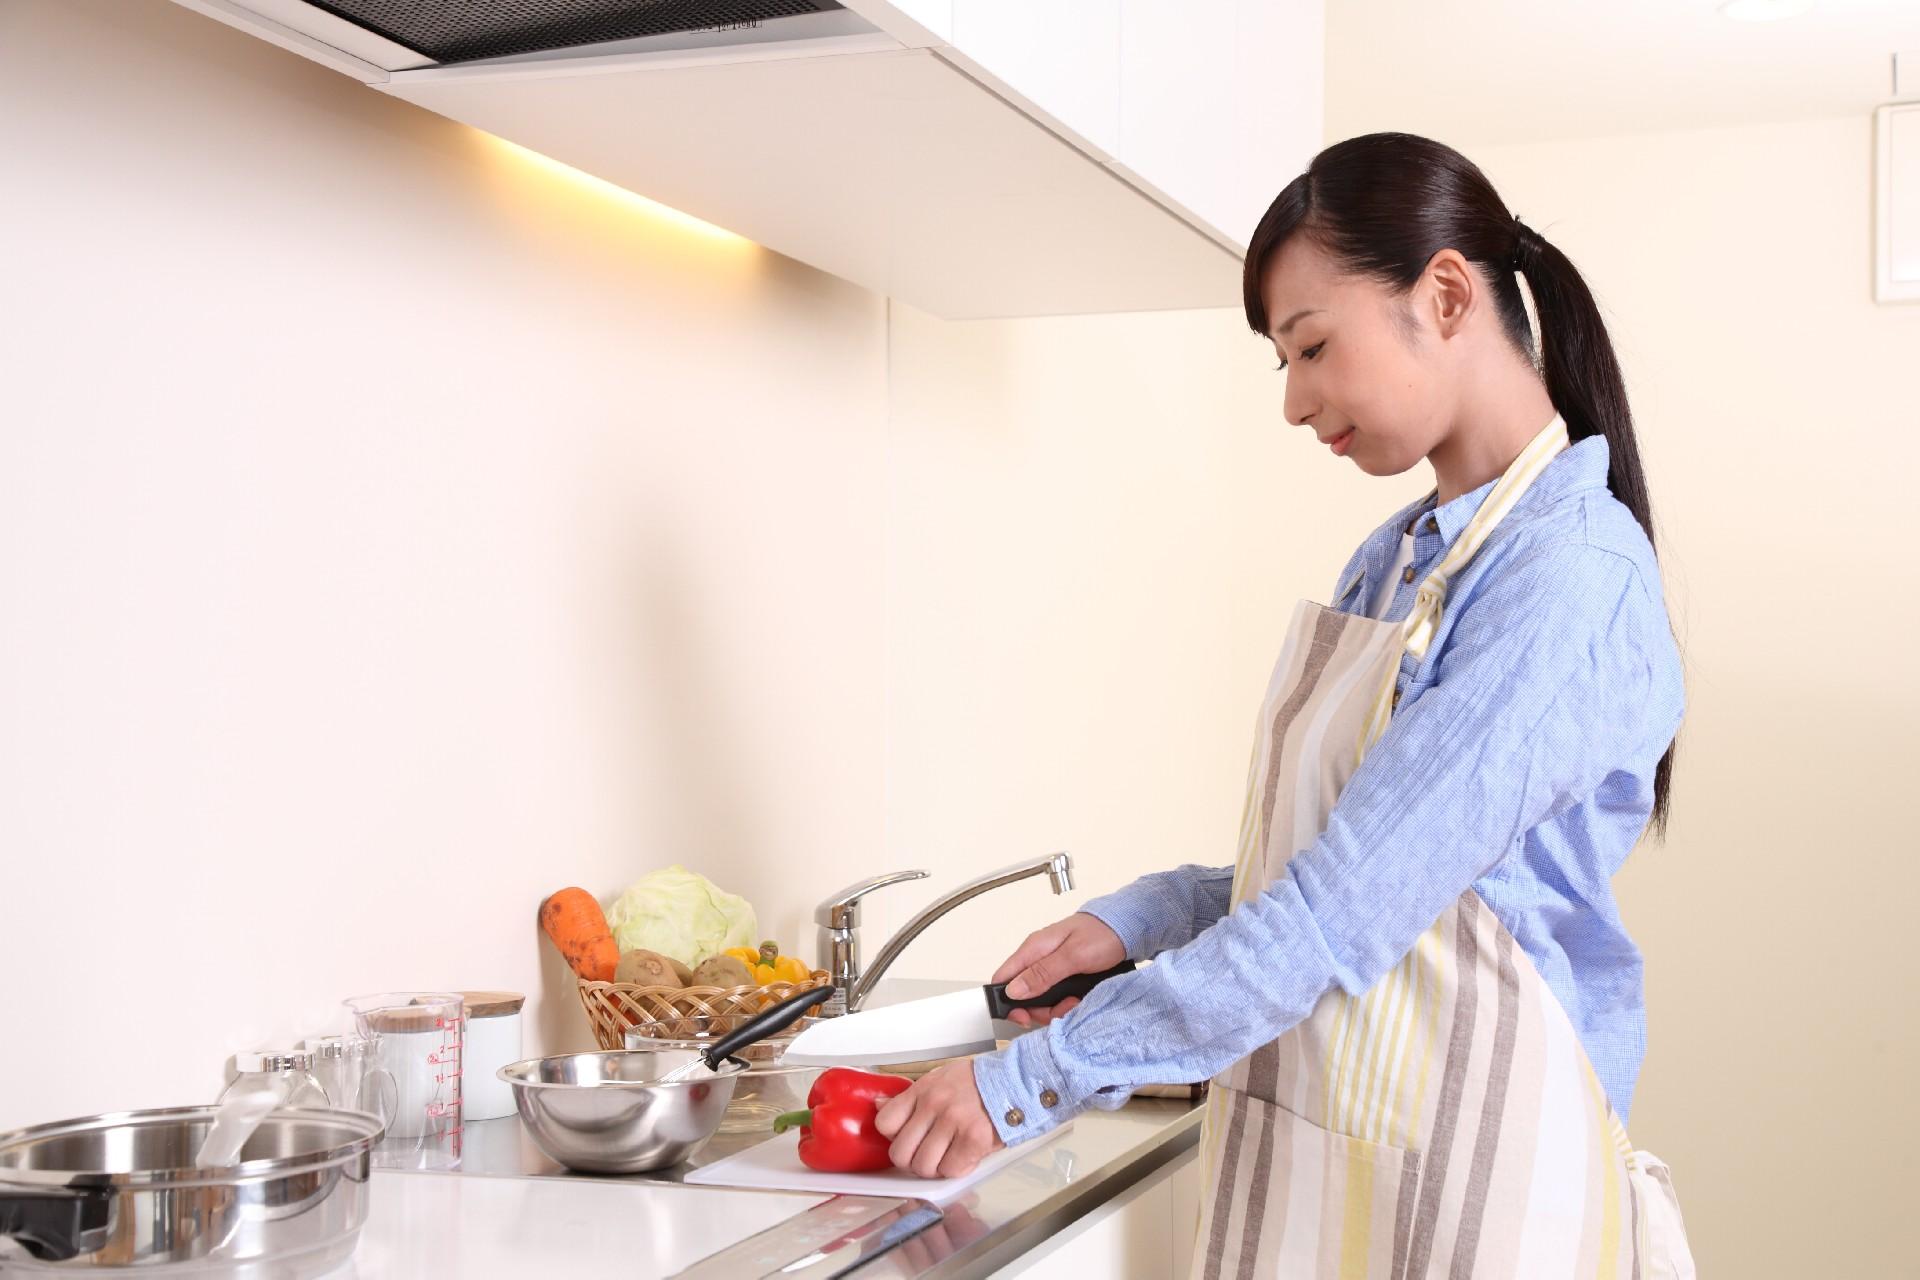 美味しいお料理を作りたい!自宅で簡単に作れる料理の小技3選